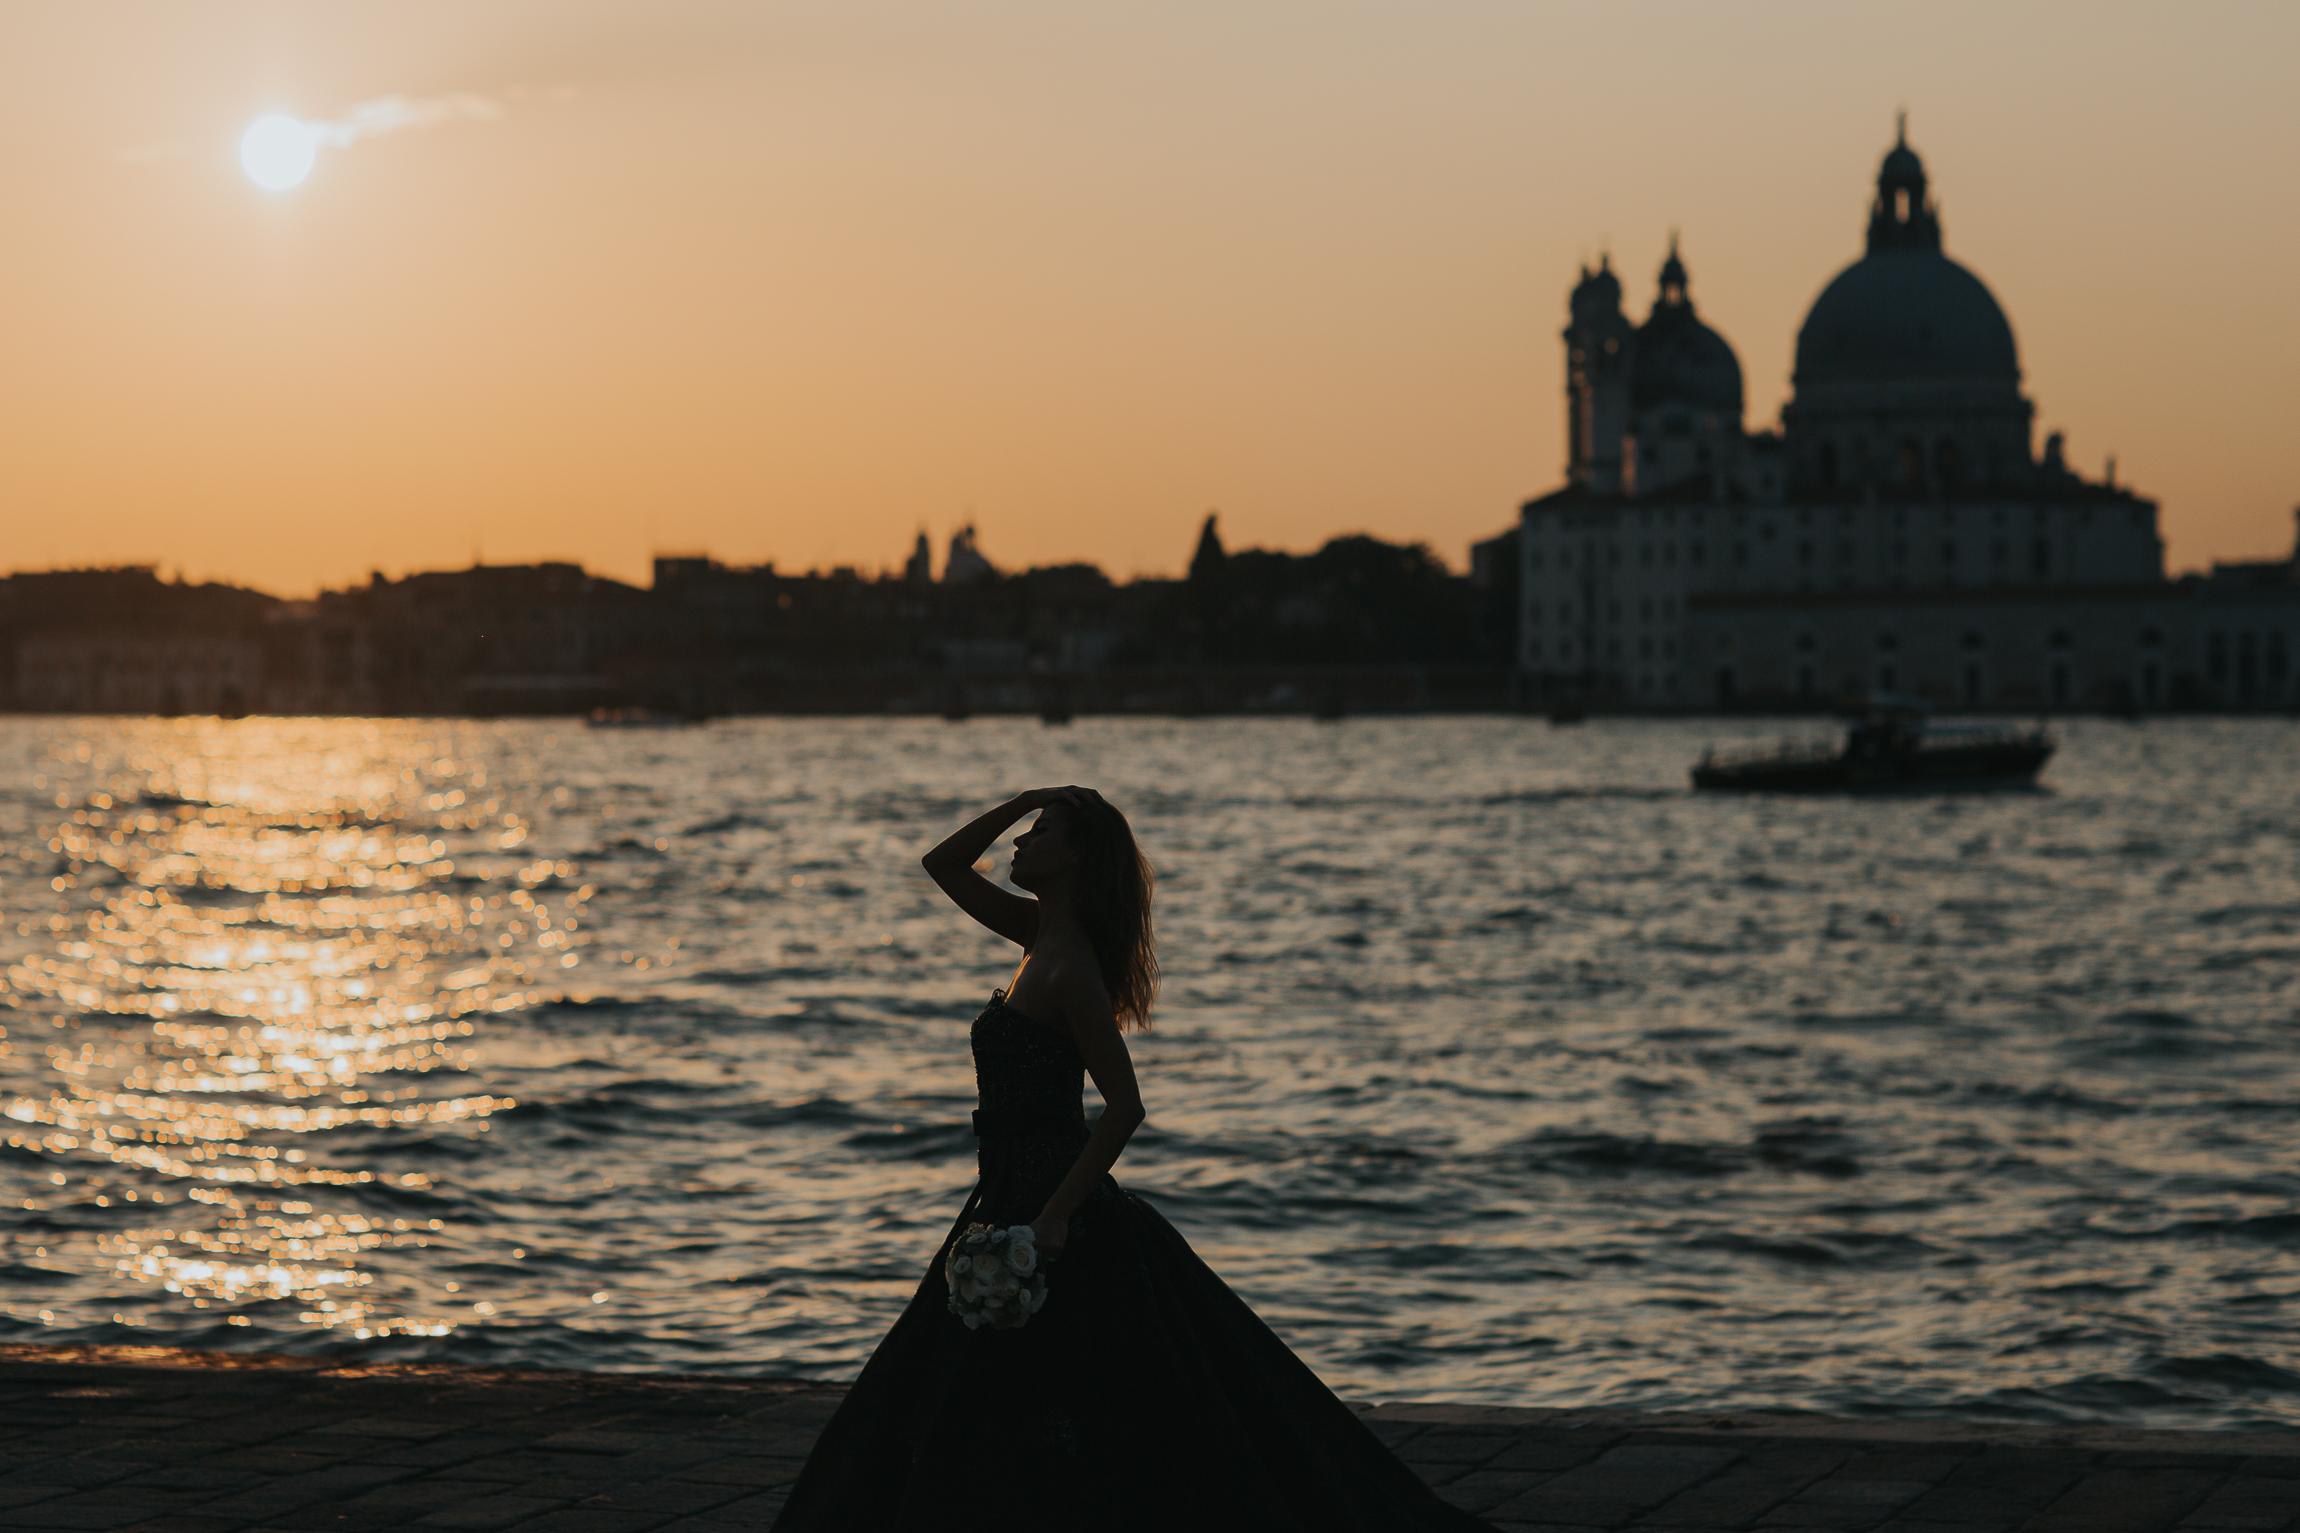 Servizio di coppia a Venezia. Serena & David. Il Blog di Michelino Studio, Fotografo di matrimonio in Veneto. Serena-David-28.jpg